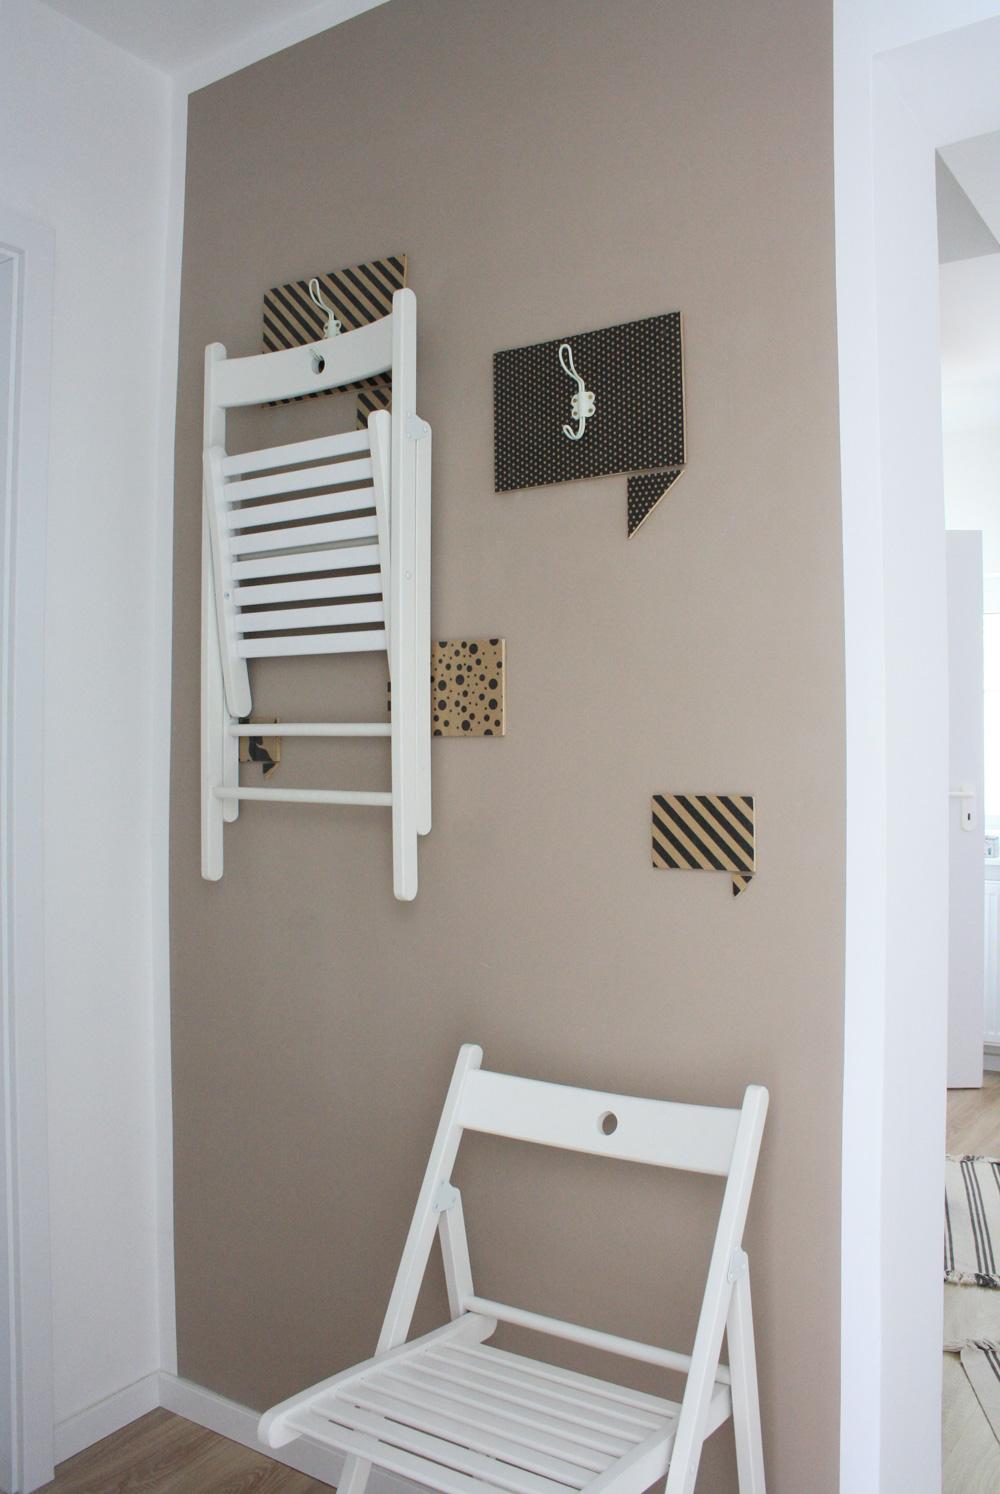 Stühle An Die Wand Hängen terje klappstühle hübsch aufhängen verstauen ikea hack